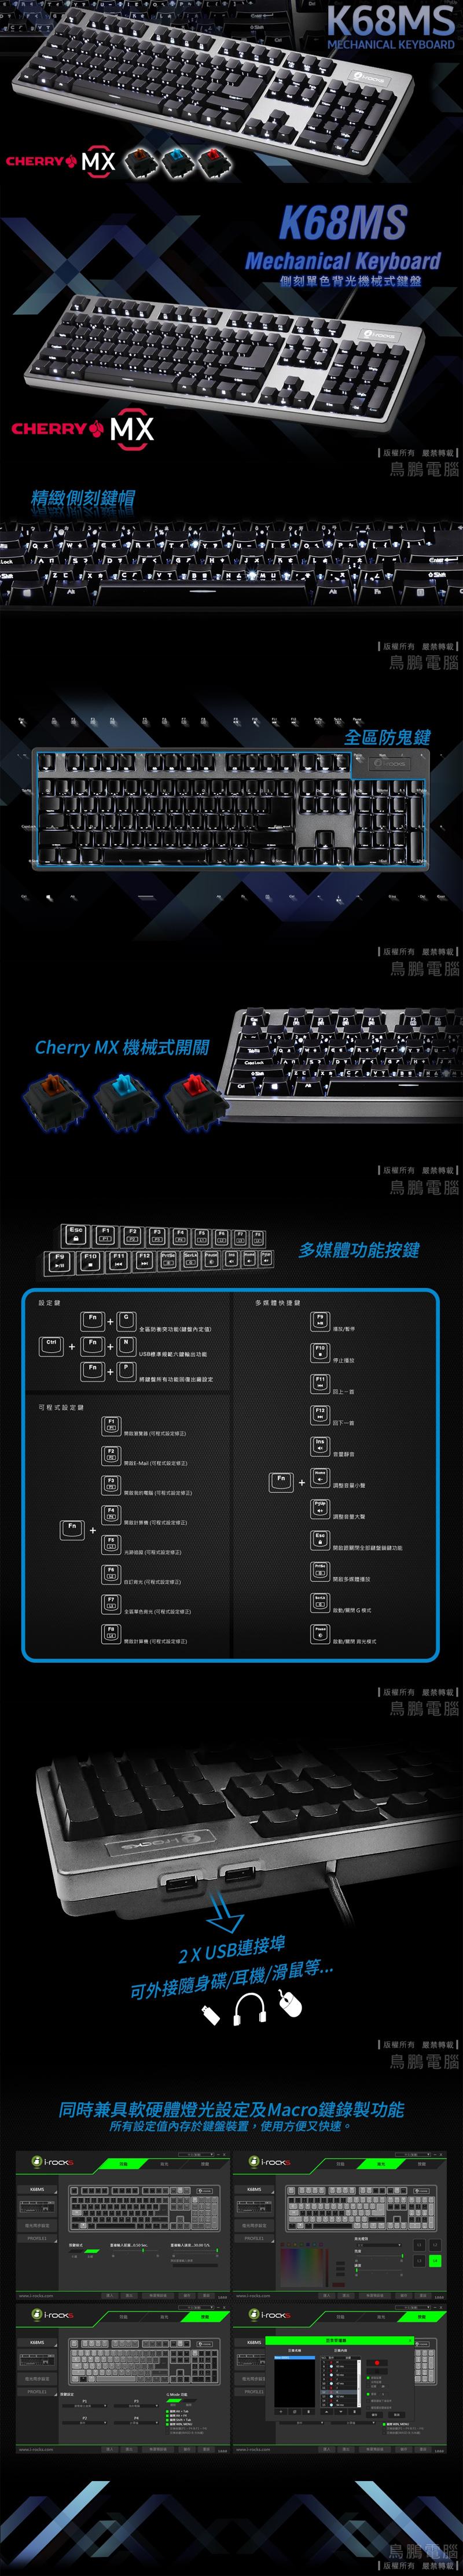 【鳥鵬電腦】i-rocks 艾芮克 IRK68MS 單色背光機械式鍵盤 黑 CHERRY 青軸 大ENTER K68MS